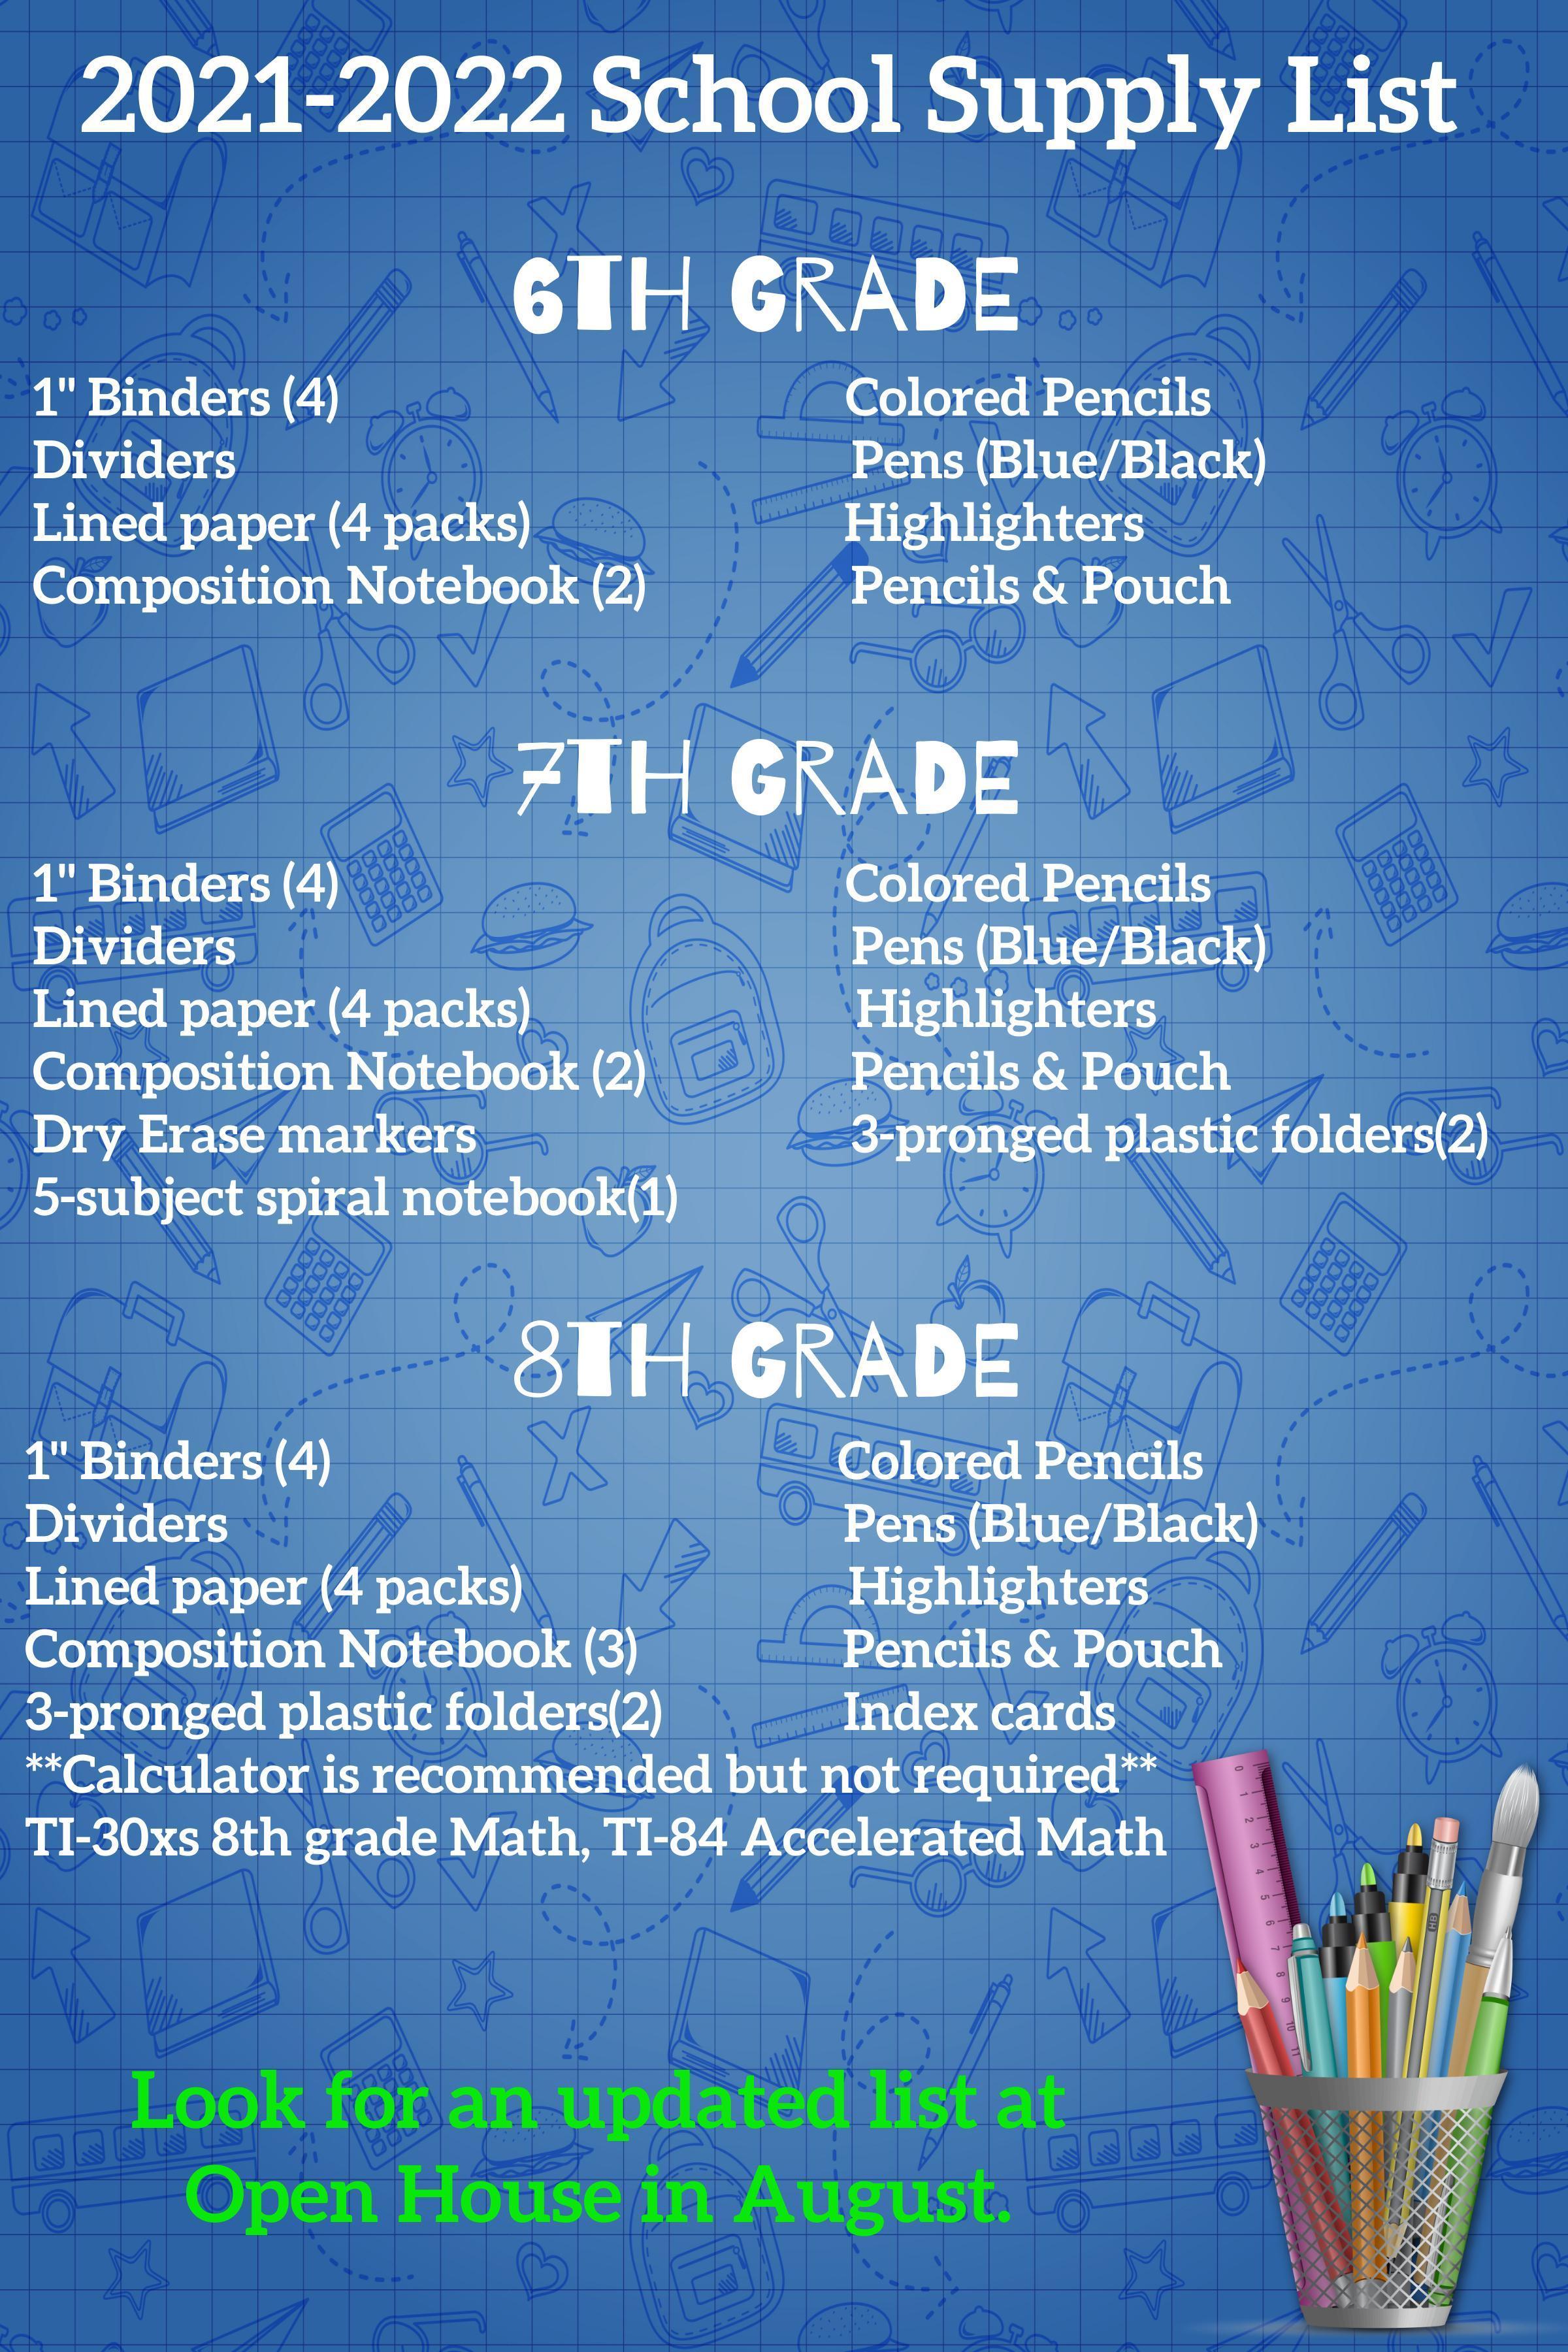 21-22 Supply List